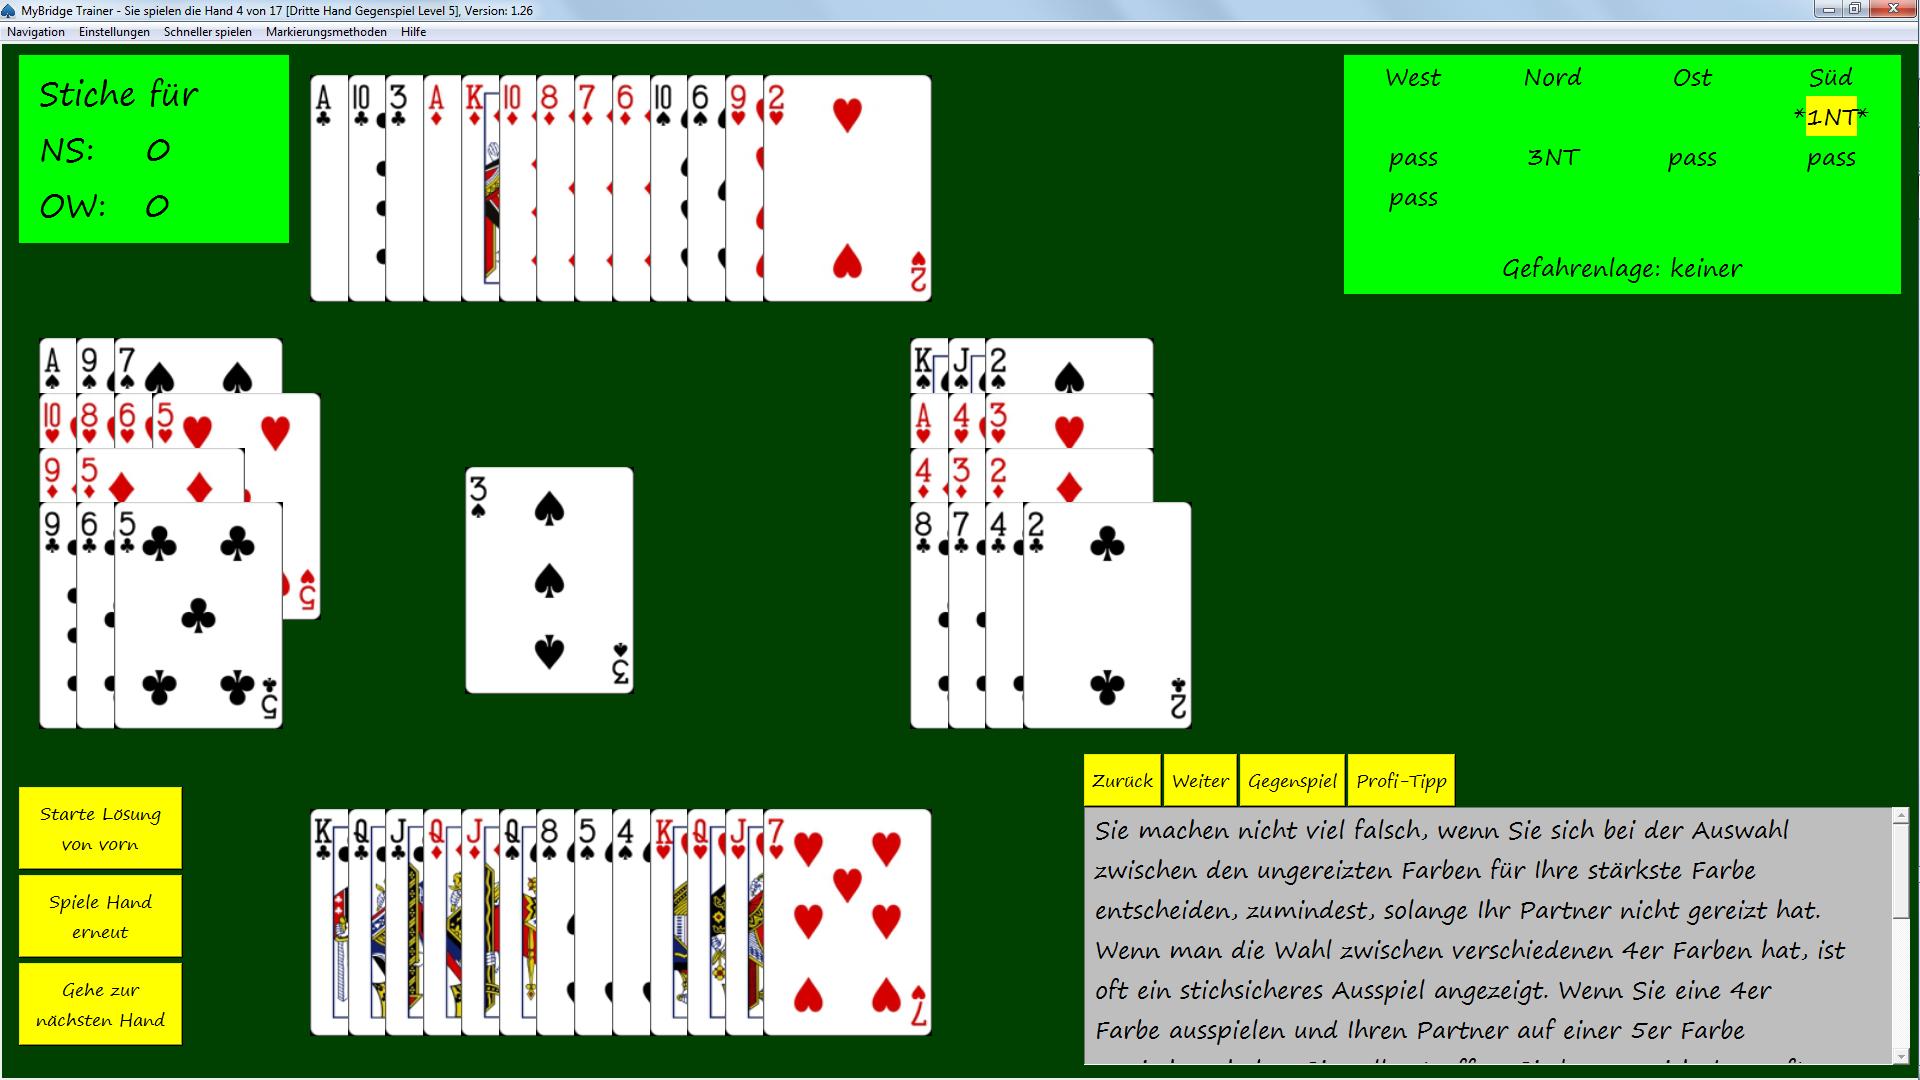 Level_5_Spielverlauf_Loesung